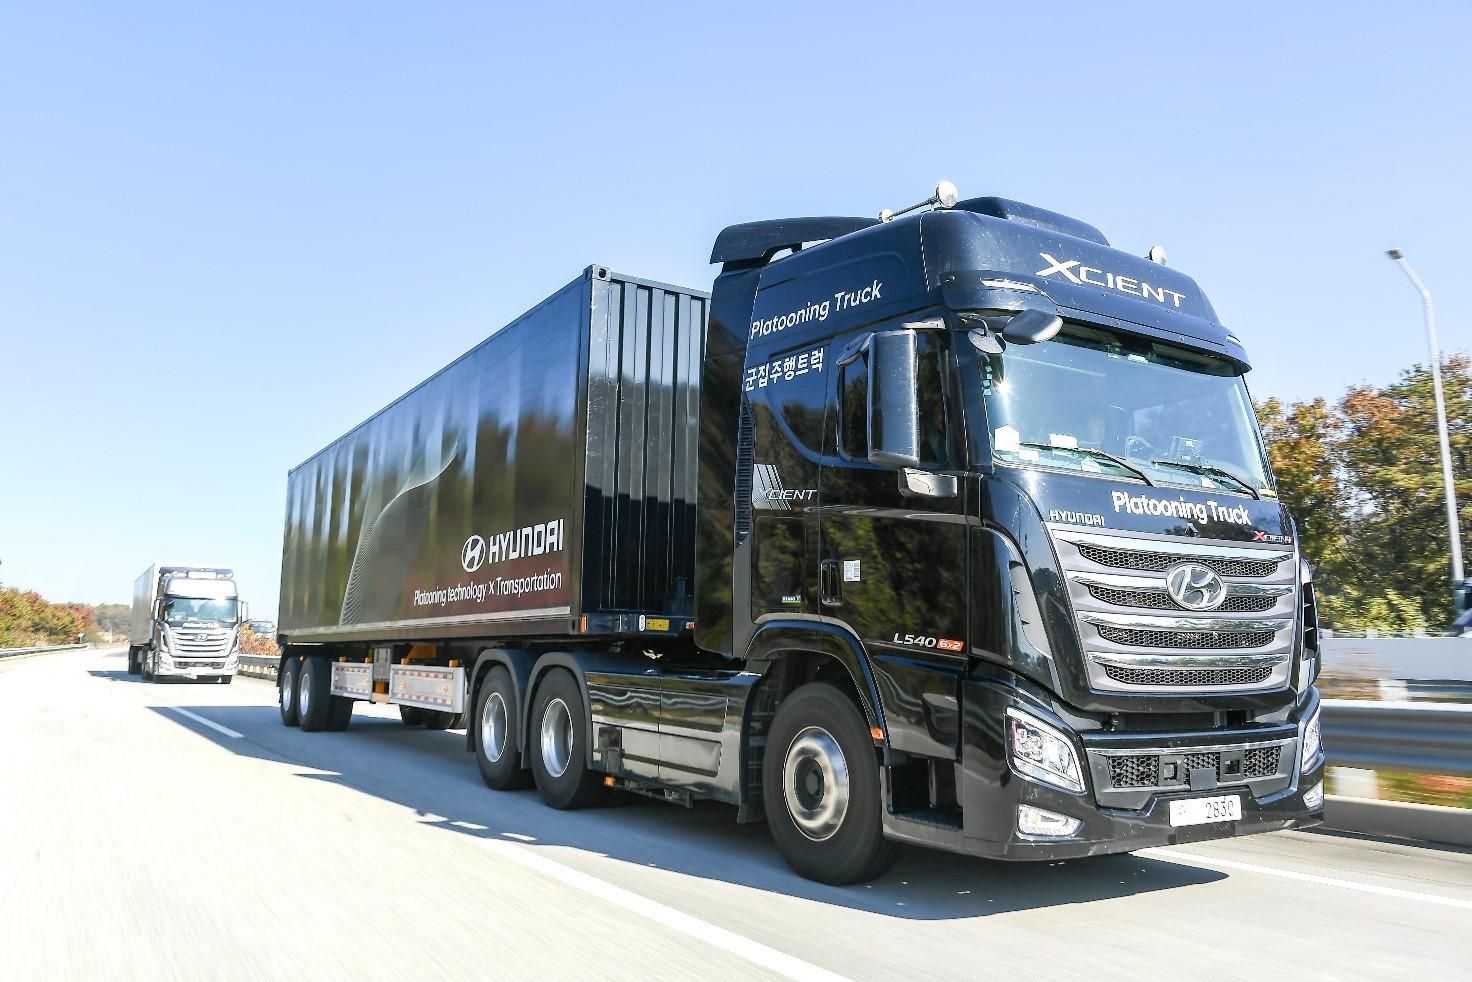 Hyundai Motor демонстрировала возможности беспилотного вождения грузовой автоколонны